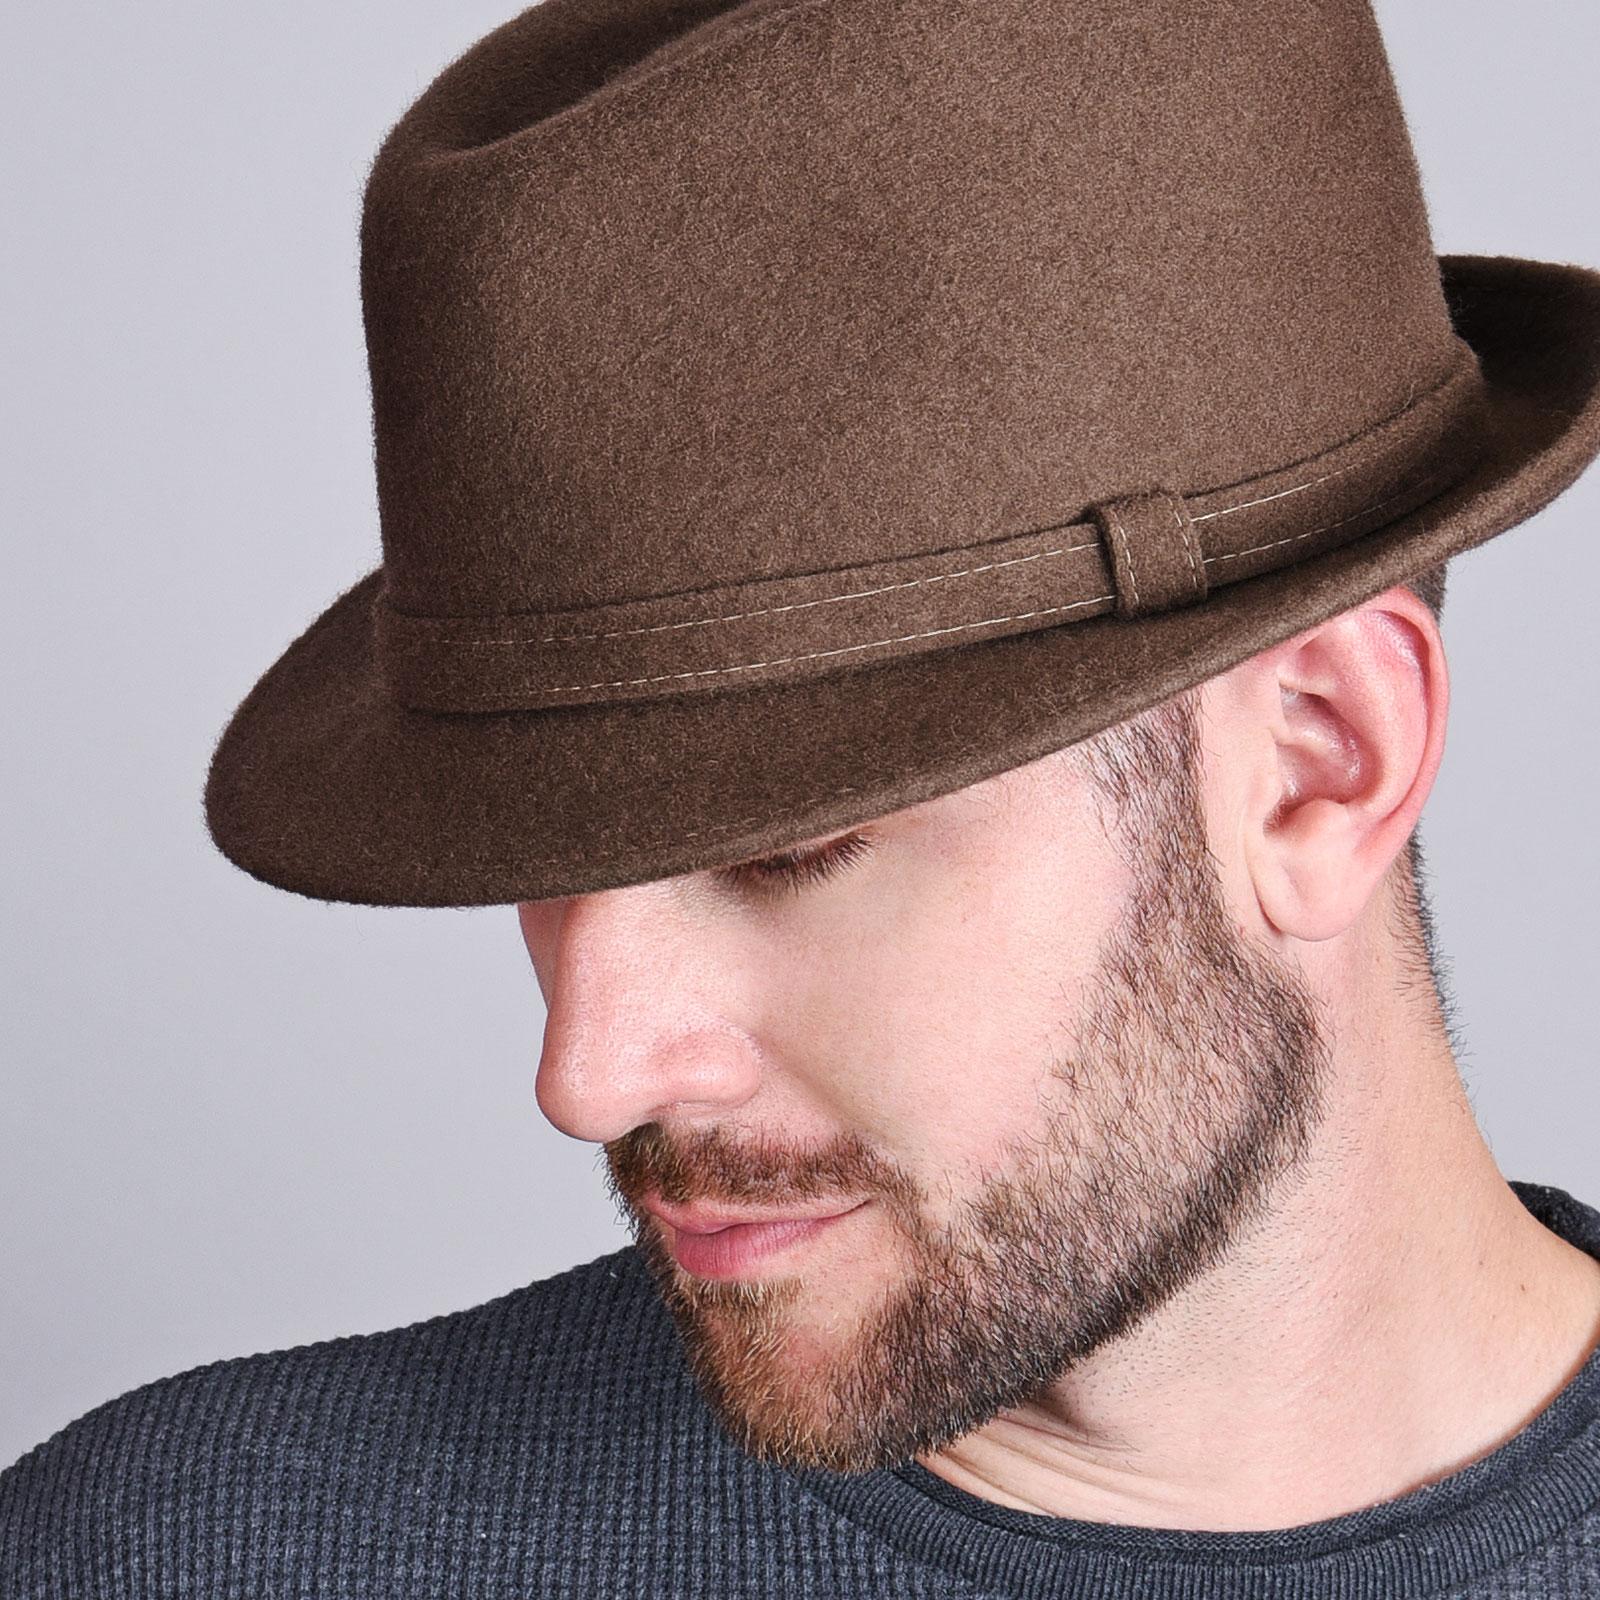 CP-01013-VH16-2-chapeau-homme-trilby-laine-marron